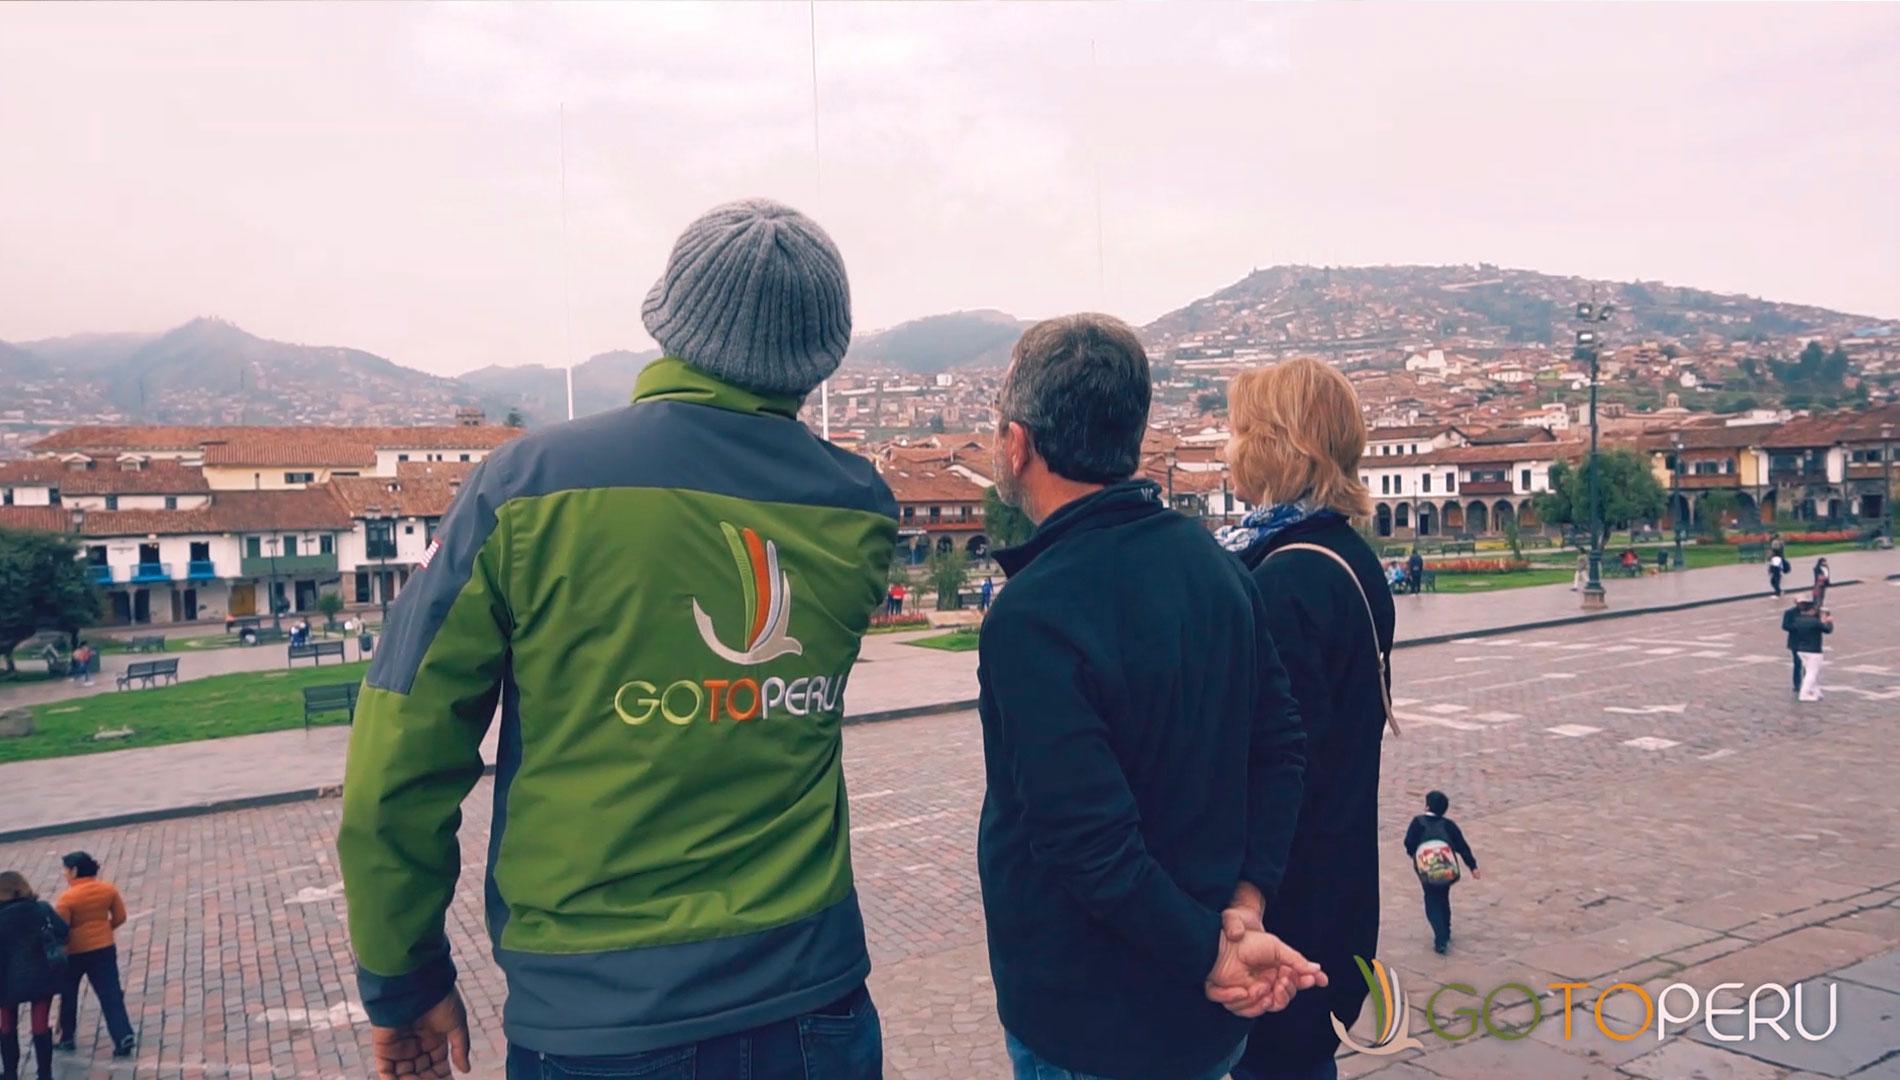 12. Best of Cusco